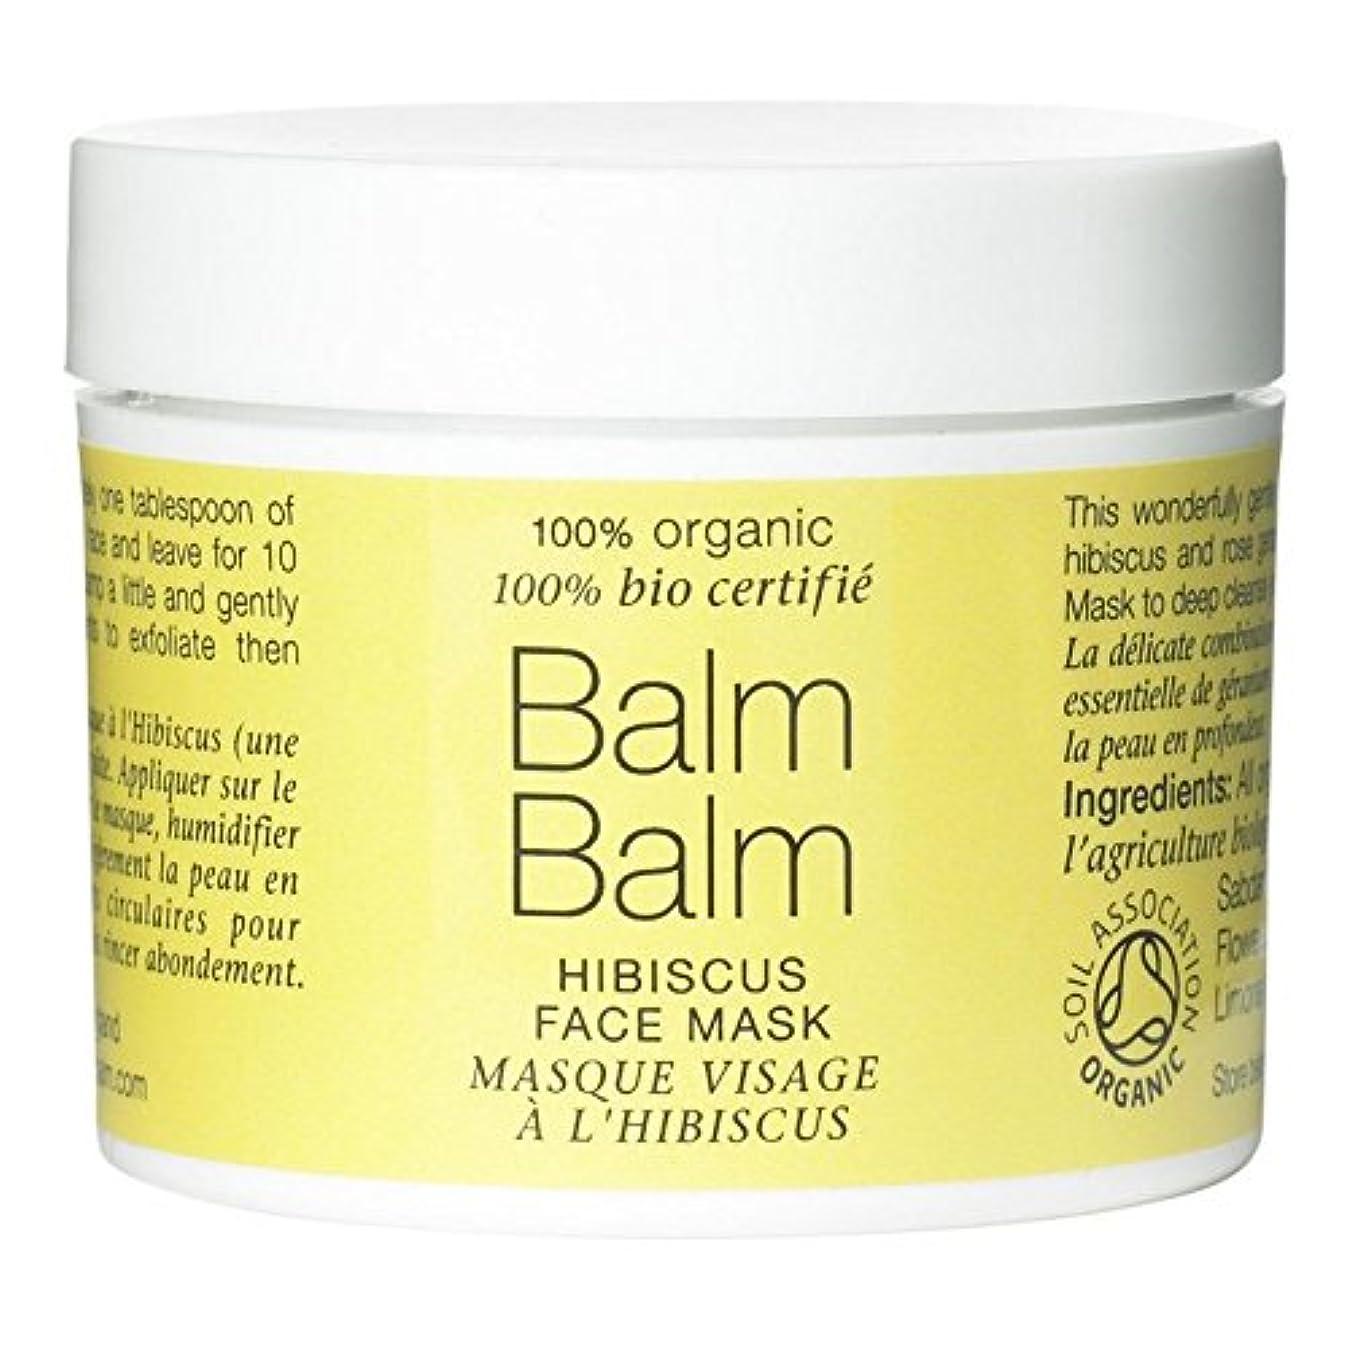 項目ハーブ待つバームバームオーガニックハイビスカスフェイスマスク100グラム x4 - Balm Balm Organic Hibiscus Face Mask 100g (Pack of 4) [並行輸入品]